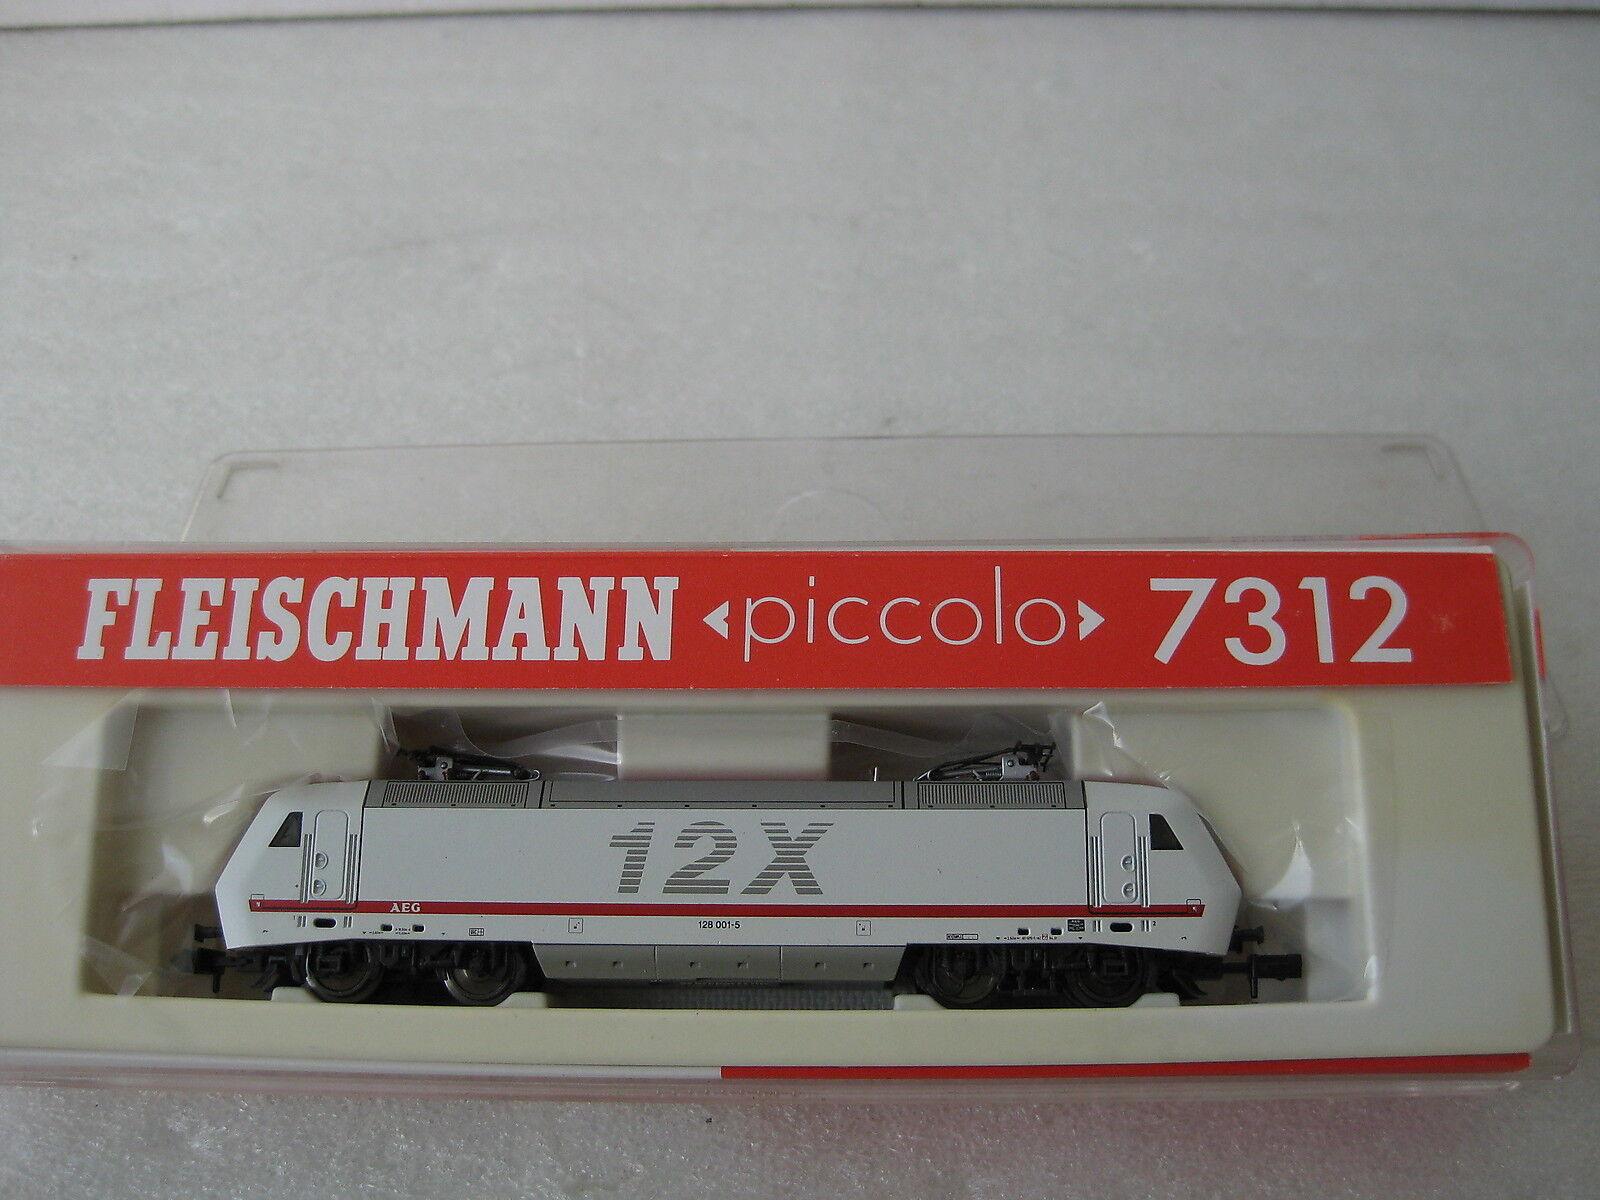 FLEISCHMANN piccolo N 7312 E-lok BR 128 001-5 12X AEG  NEU